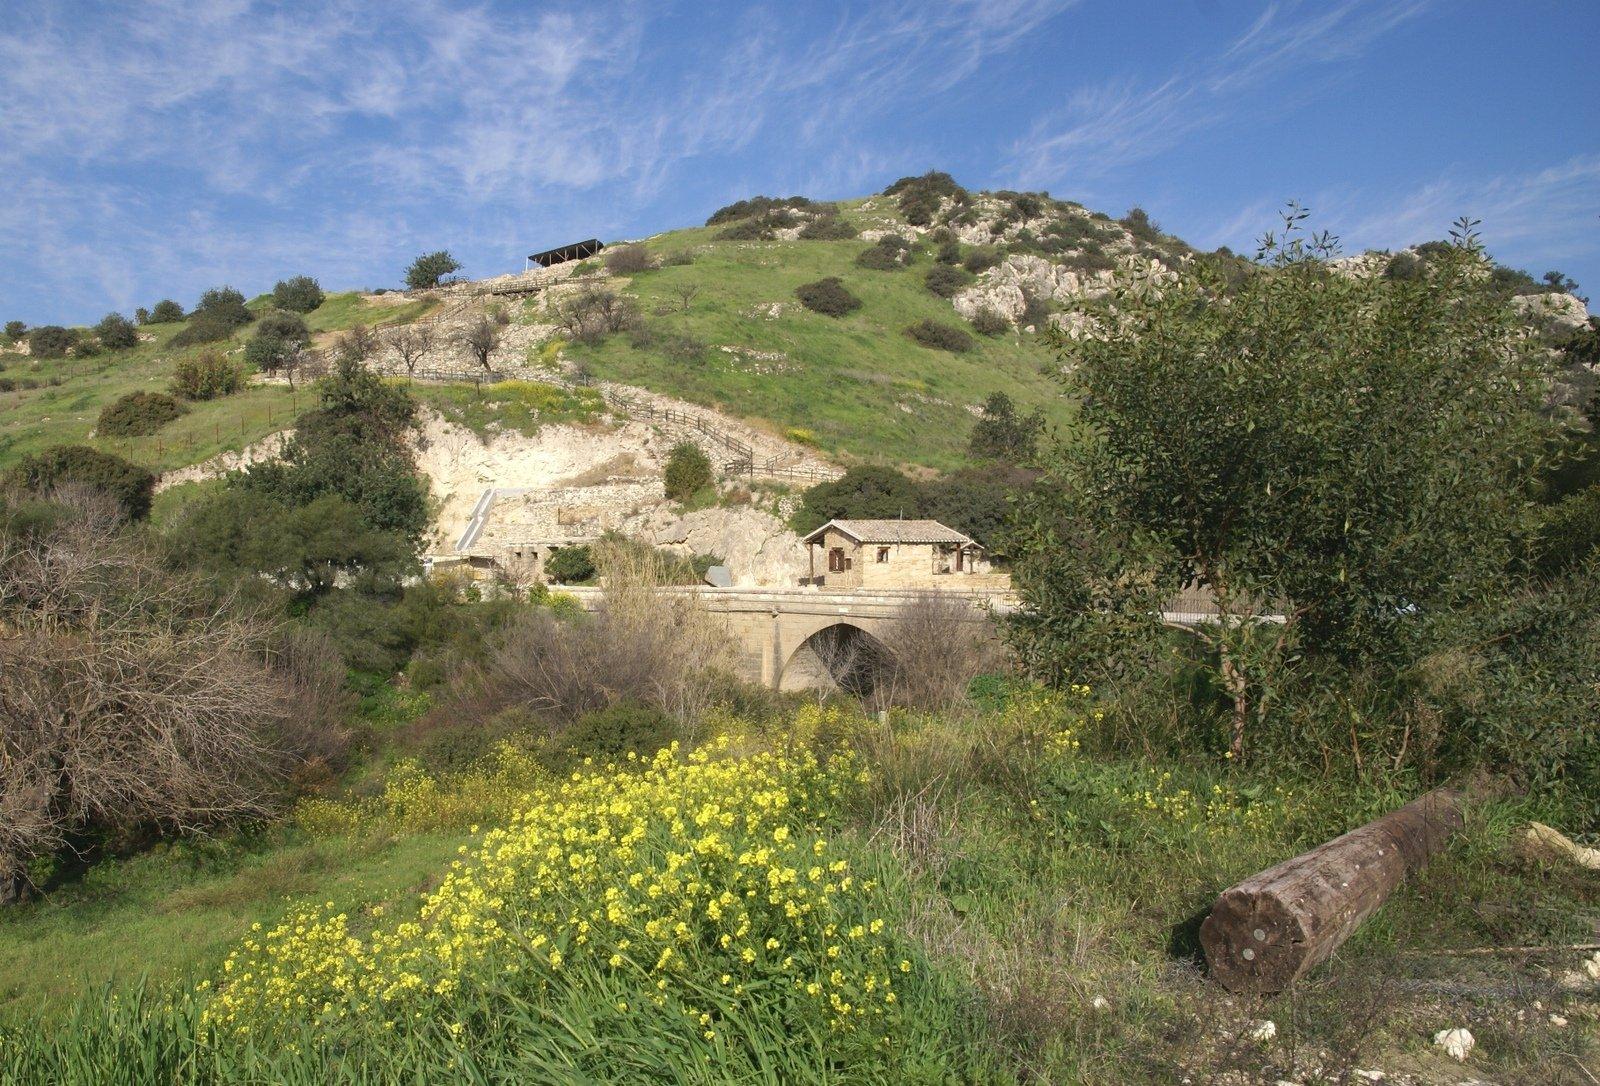 Zypern - Wandern durch das Farbenspiel des Frühjahrs